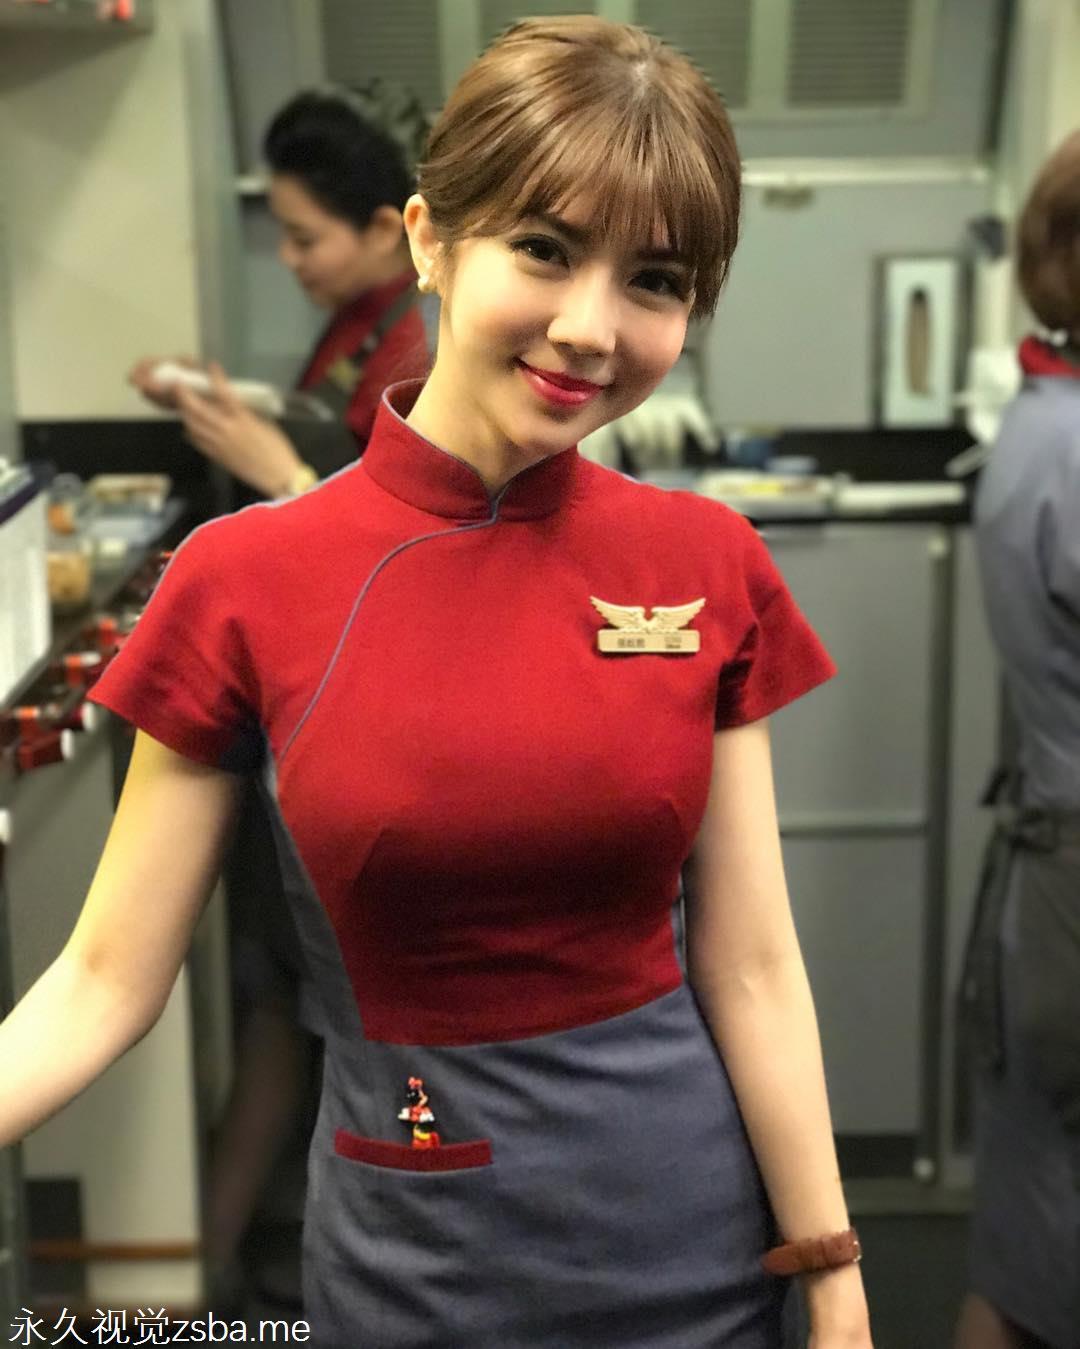 """[网爆门事件]脸蛋精致长相甜美的""""华航空姐Qbee张比比私拍视讯流出"""